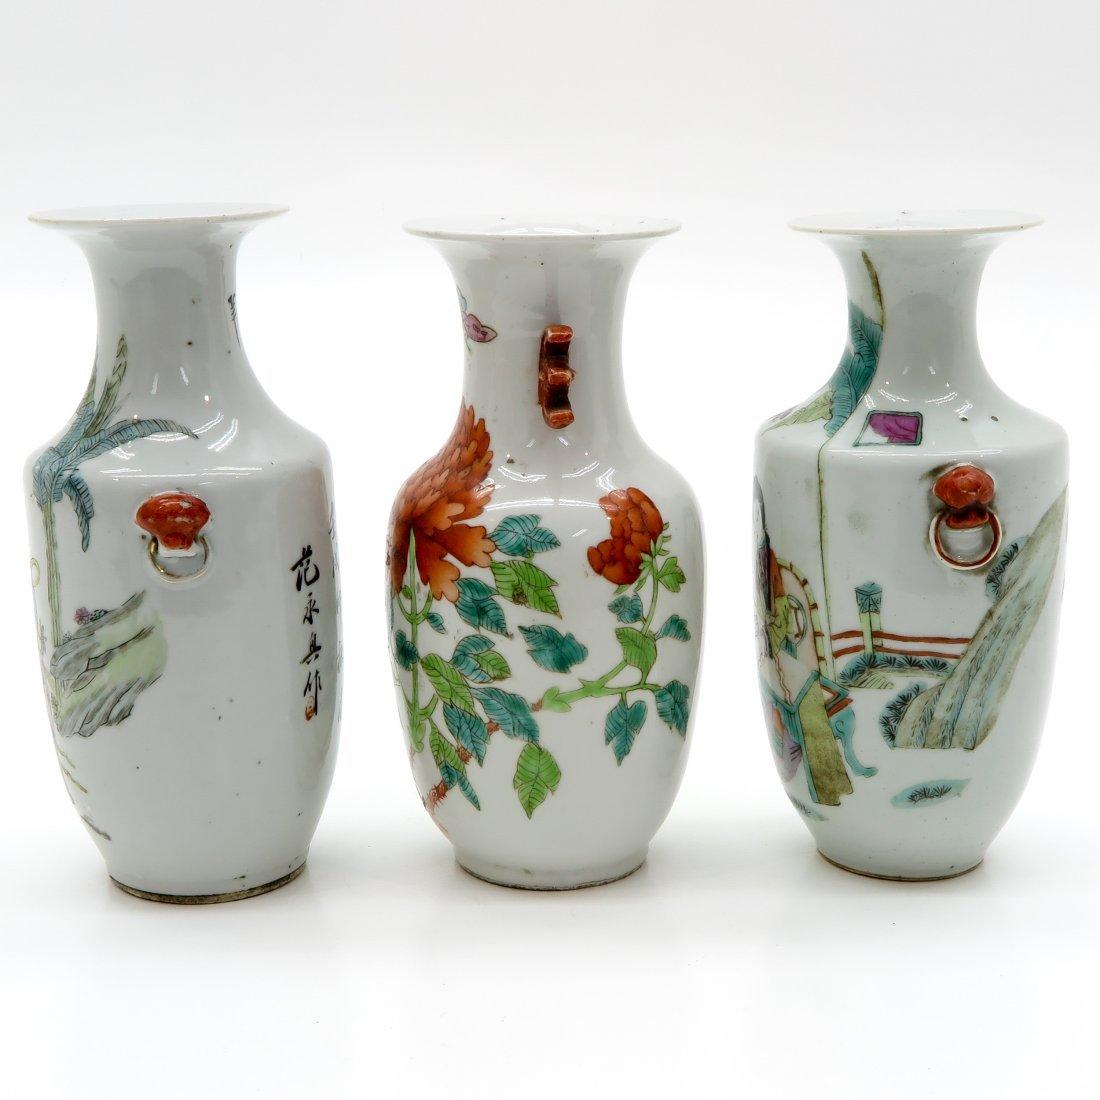 Lot of 3 Republic Period Vases - 2